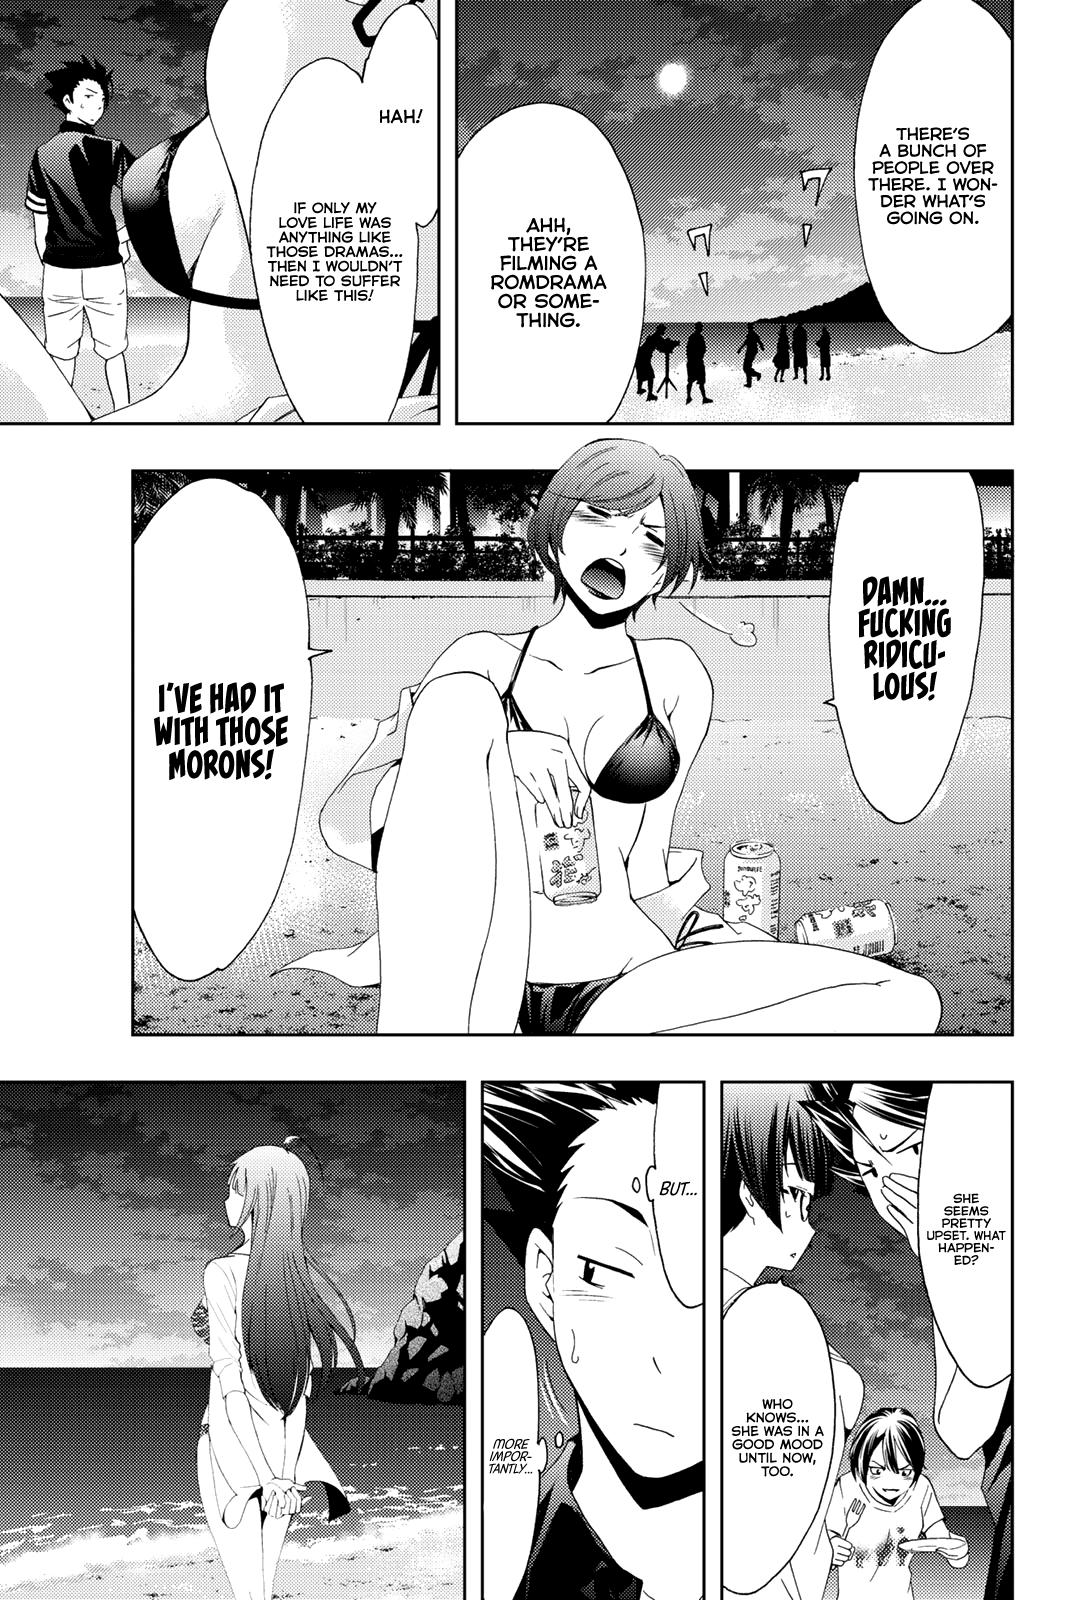 Manga Hitman (Kouji Seo) - Chapter 62 Page 8